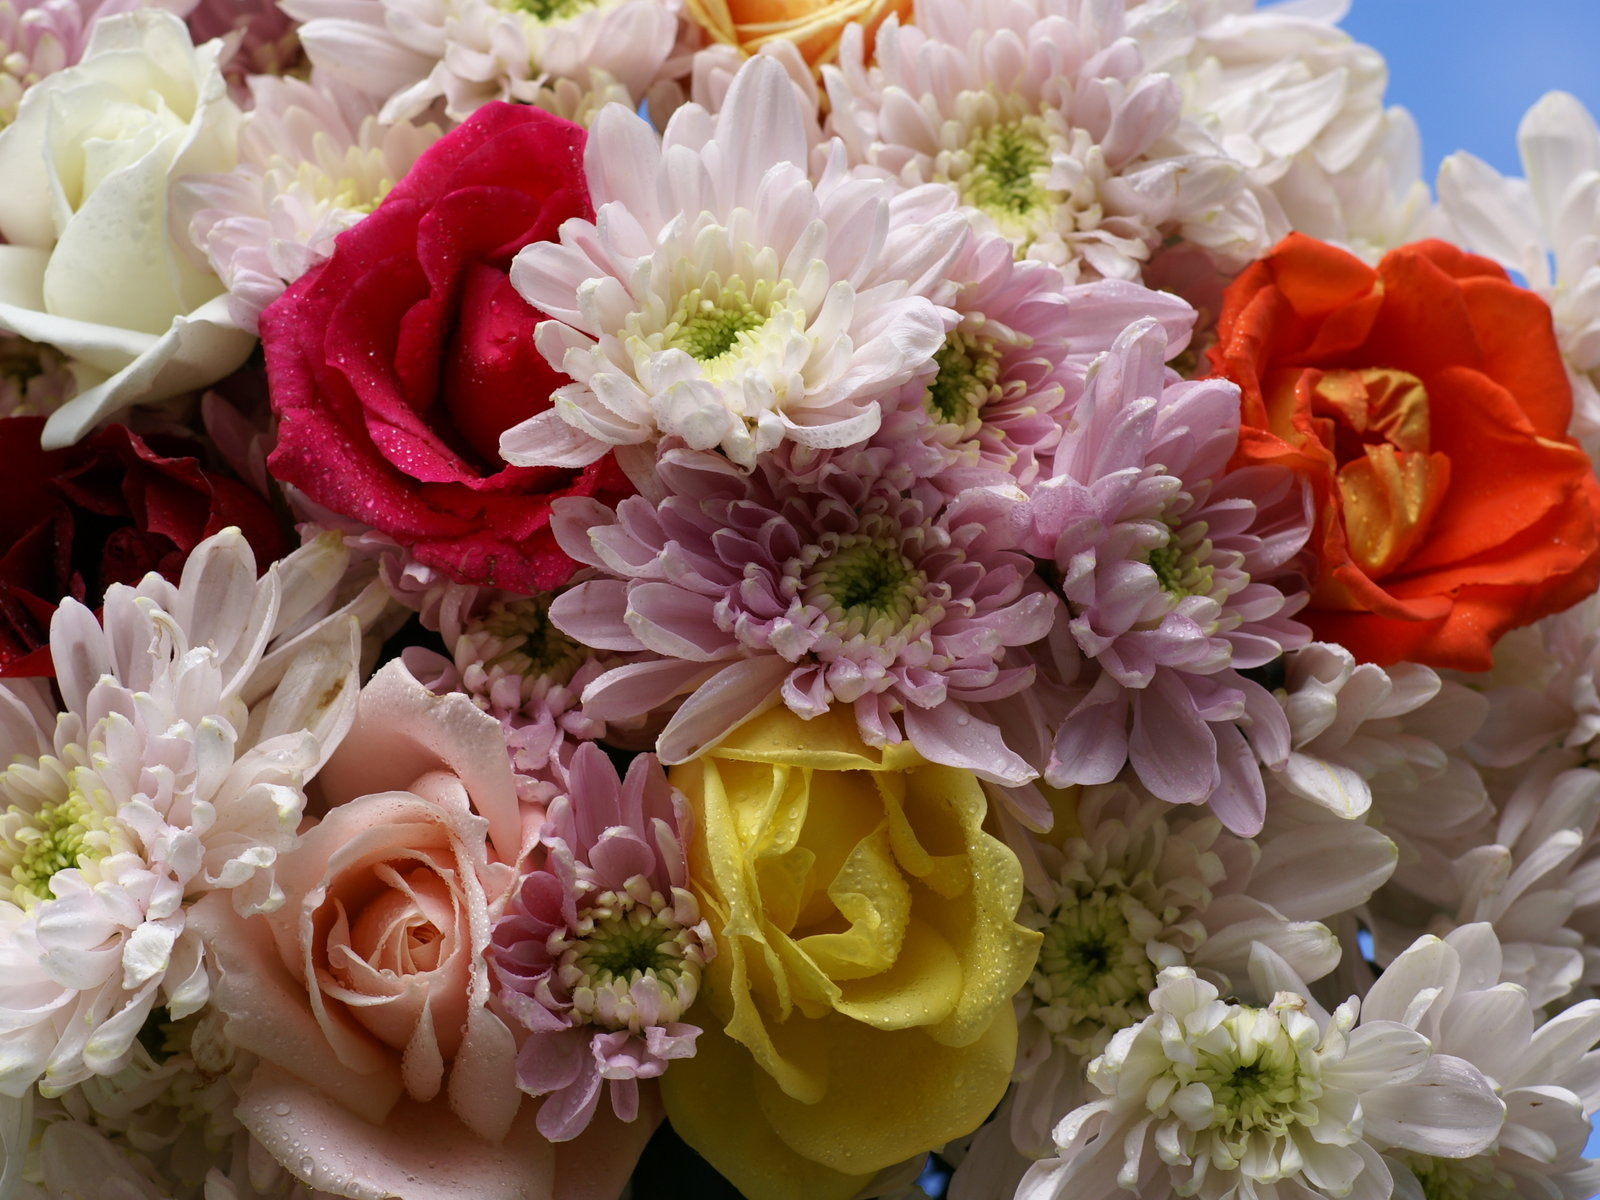 Fotografias de ramos de flores Fotografias y fotos para